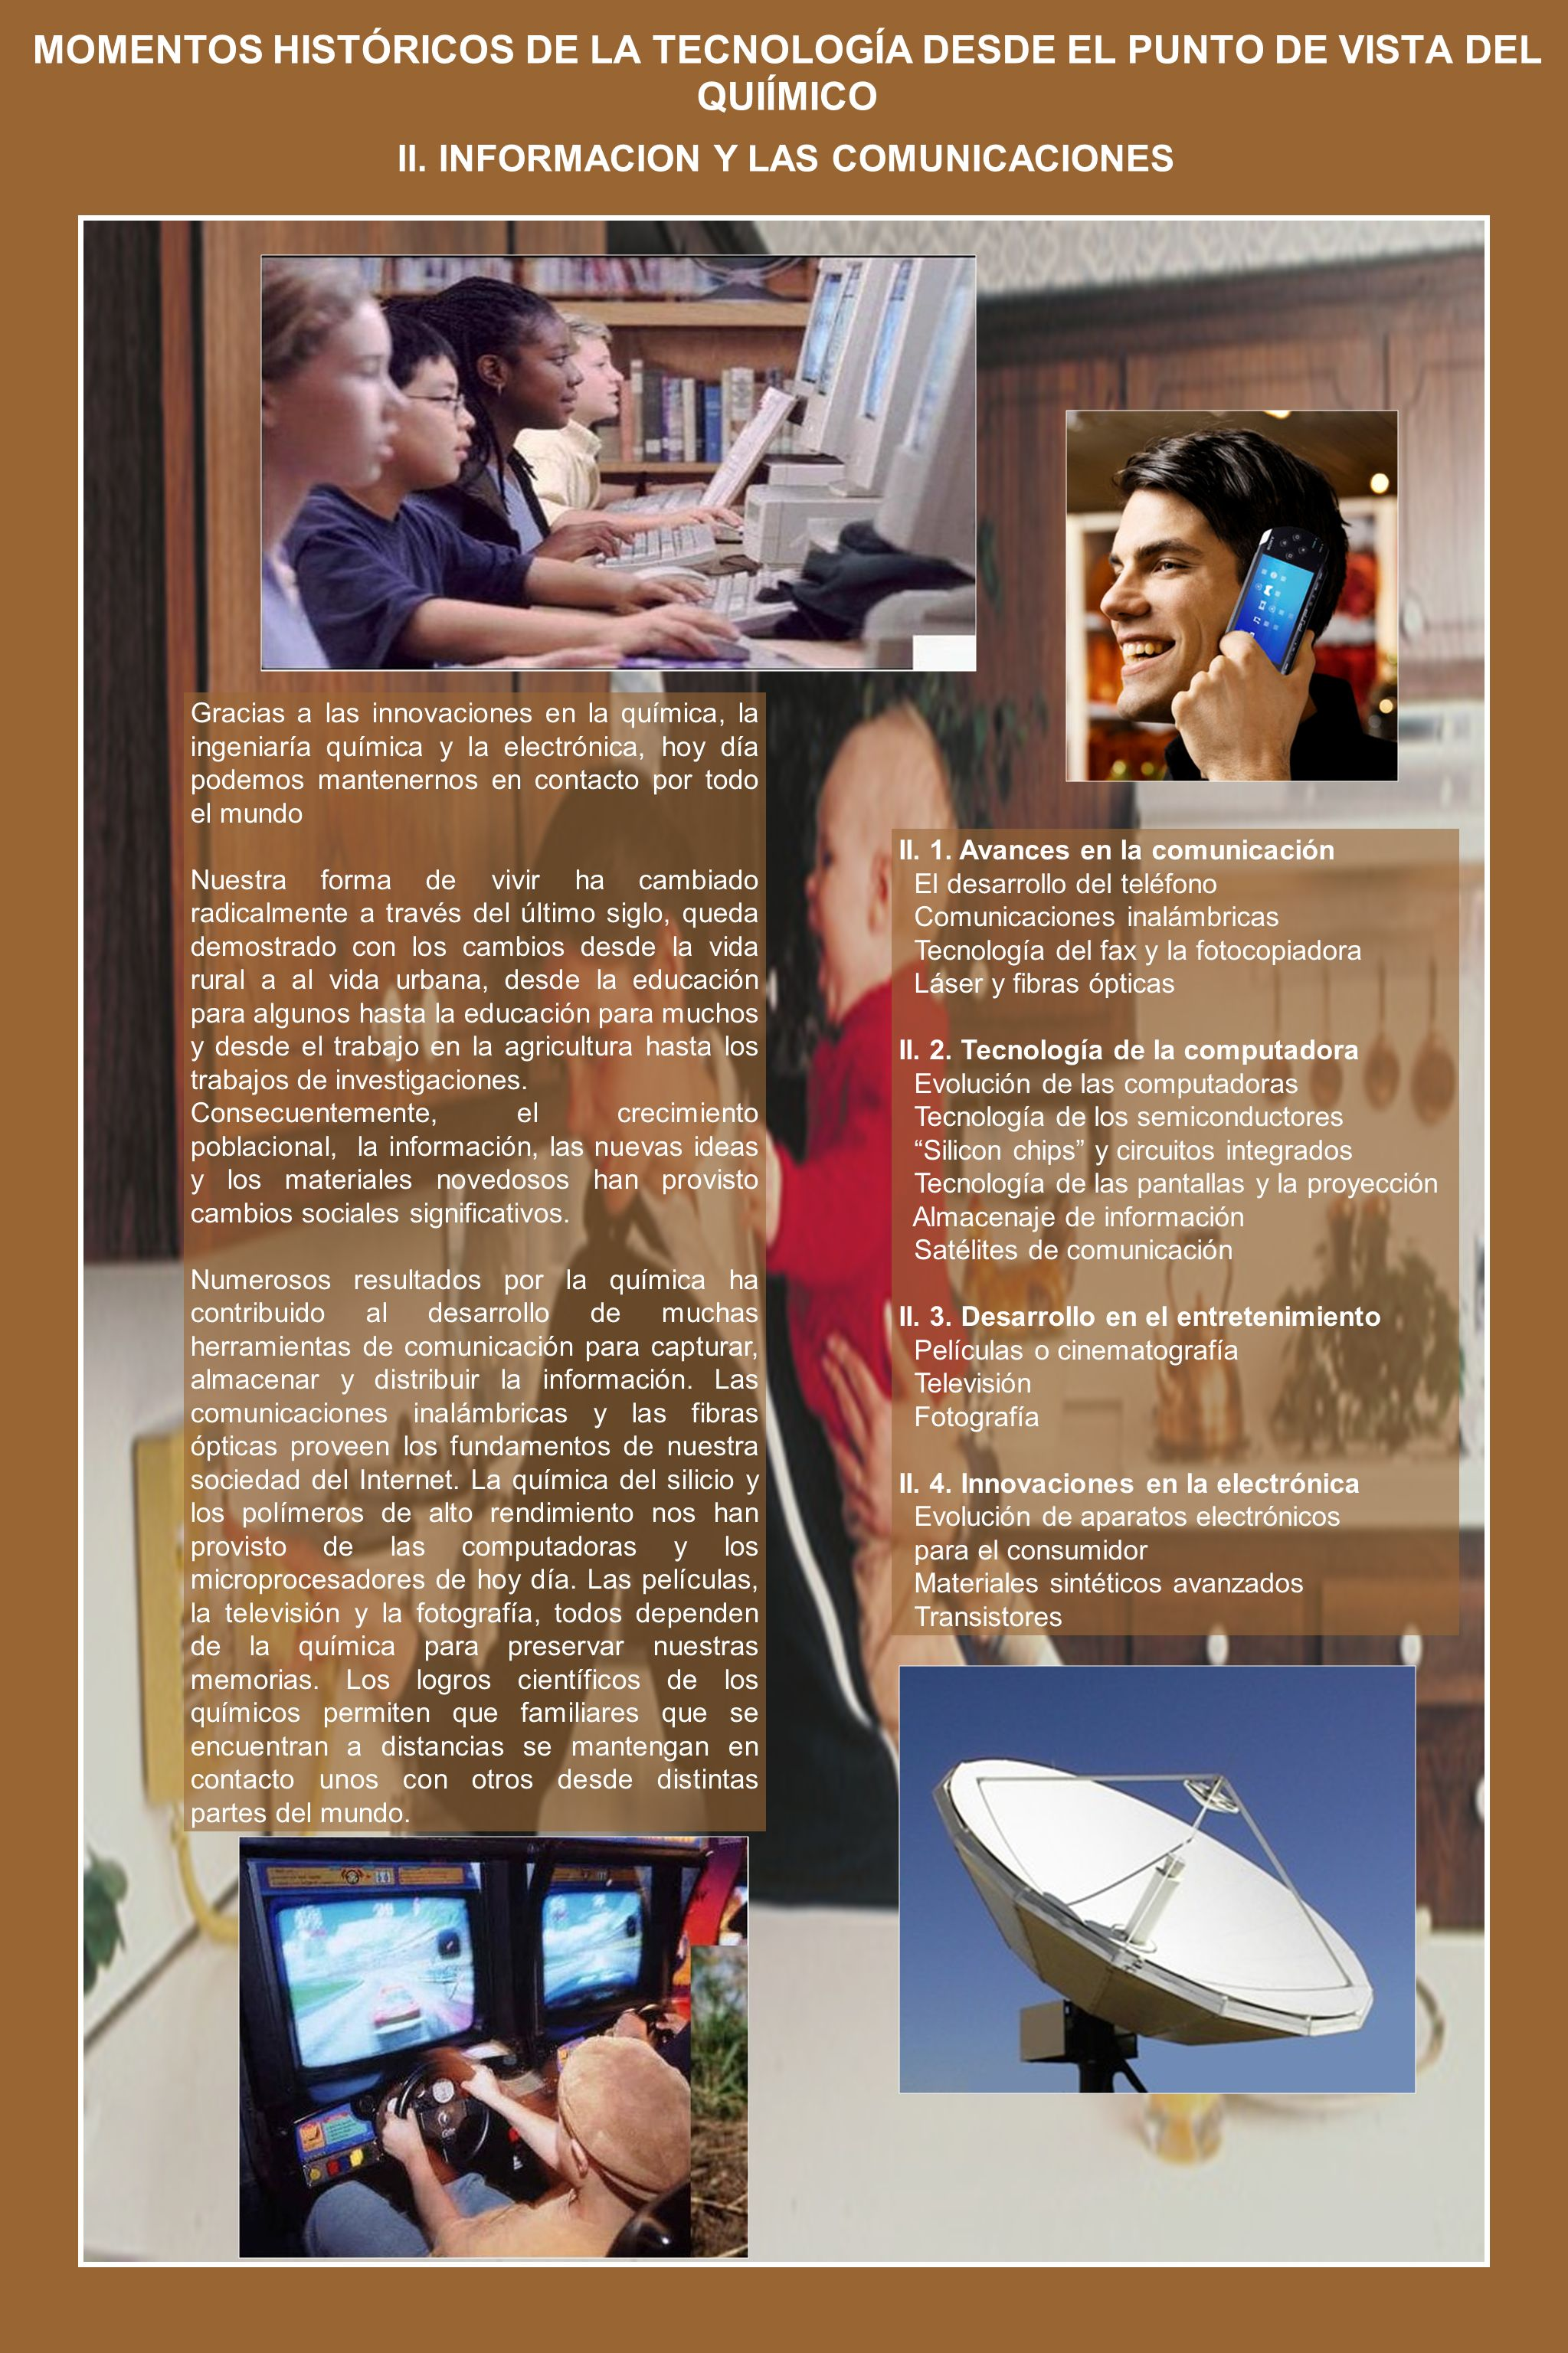 MOMENTOS HISTÓRICOS DE LA TECNOLOGÍA DESDE EL PUNTO DE VISTA DEL QUIÍMICO Gracias a las innovaciones en la química, la ingeniaría química y la electrónica, hoy día podemos mantenernos en contacto por todo el mundo Nuestra forma de vivir ha cambiado radicalmente a través del último siglo, queda demostrado con los cambios desde la vida rural a al vida urbana, desde la educación para algunos hasta la educación para muchos y desde el trabajo en la agricultura hasta los trabajos de investigaciones.